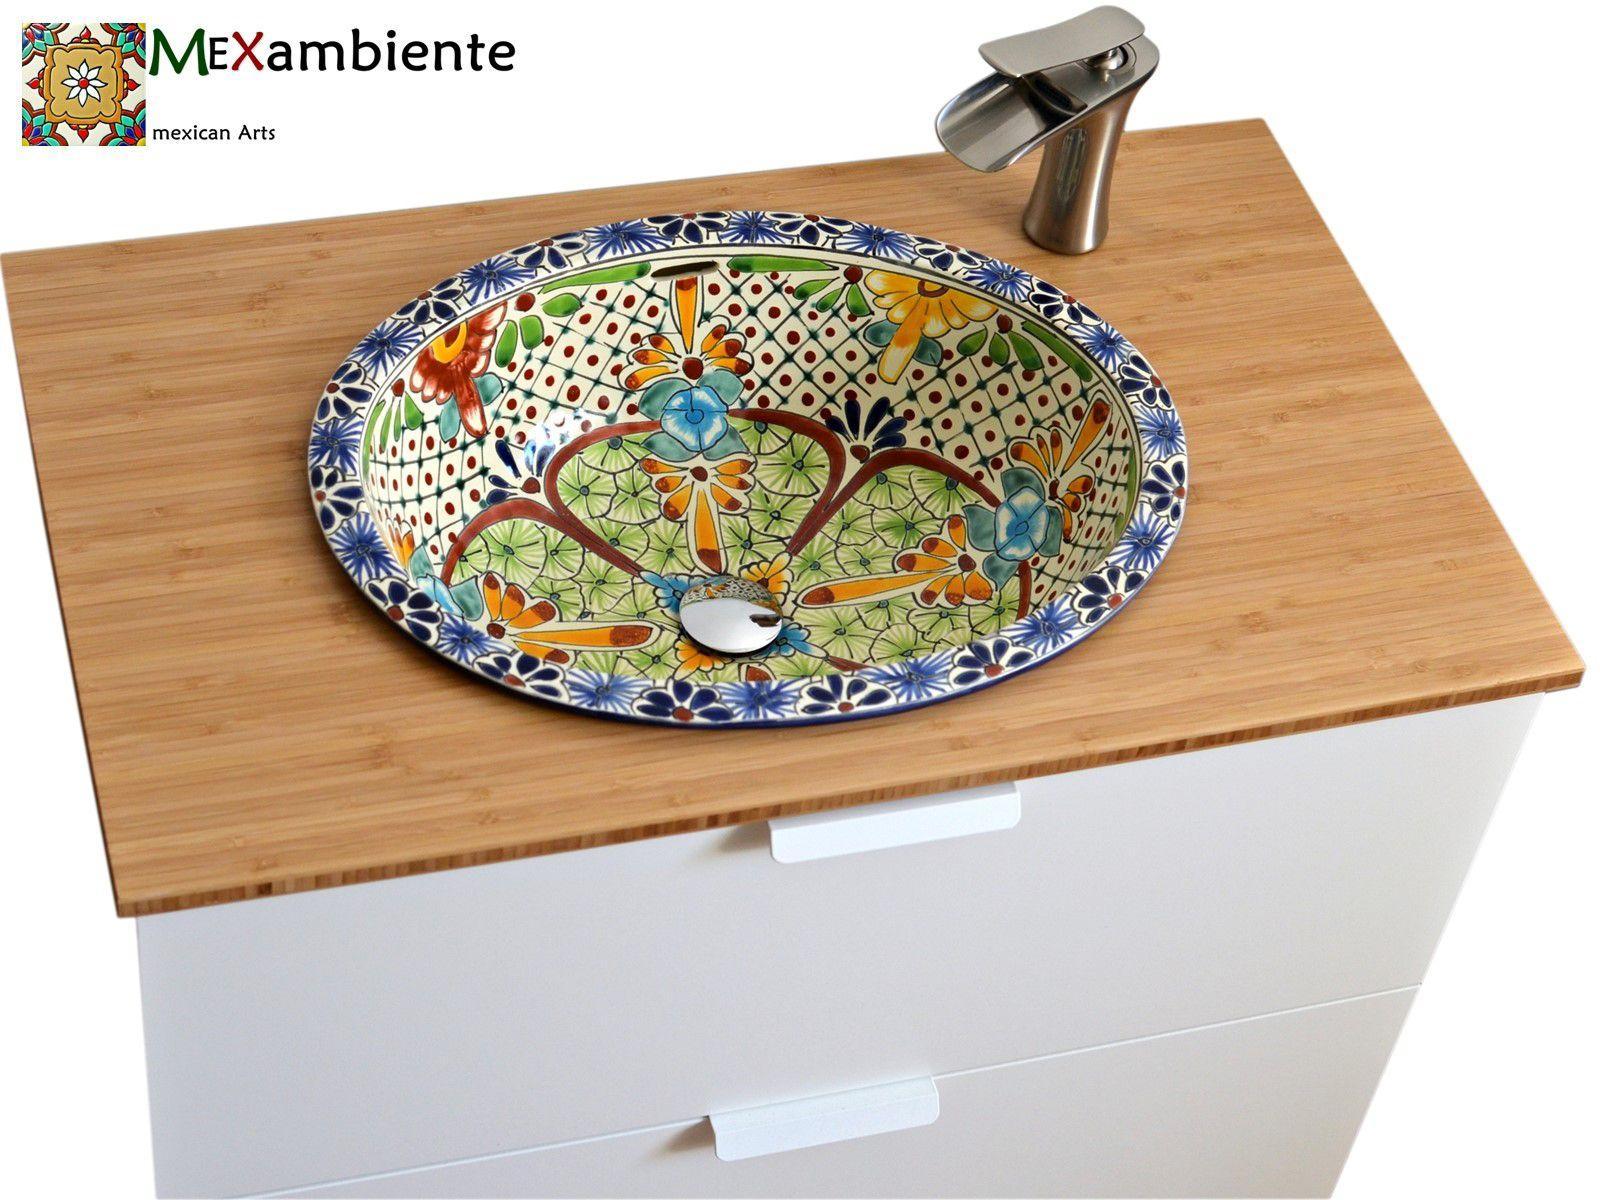 Farbige Keramik Farbige Waschbecken